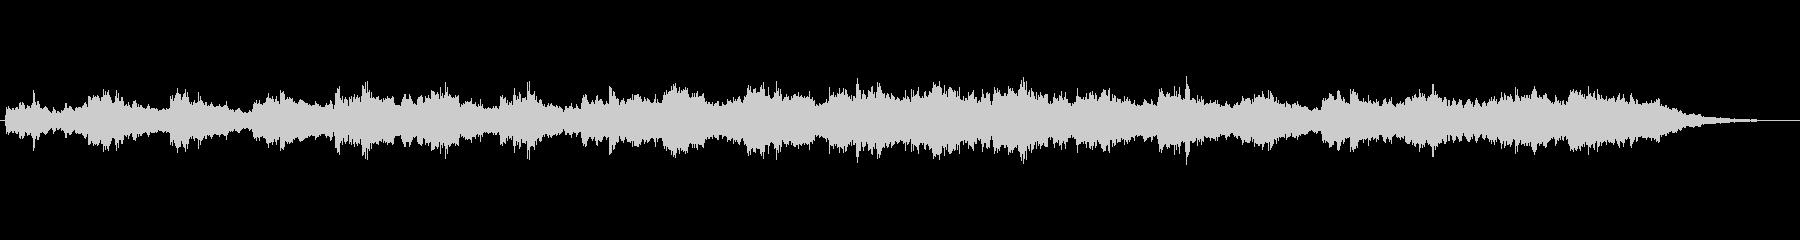 ジブリ風の想像の世界的なジングル2の未再生の波形